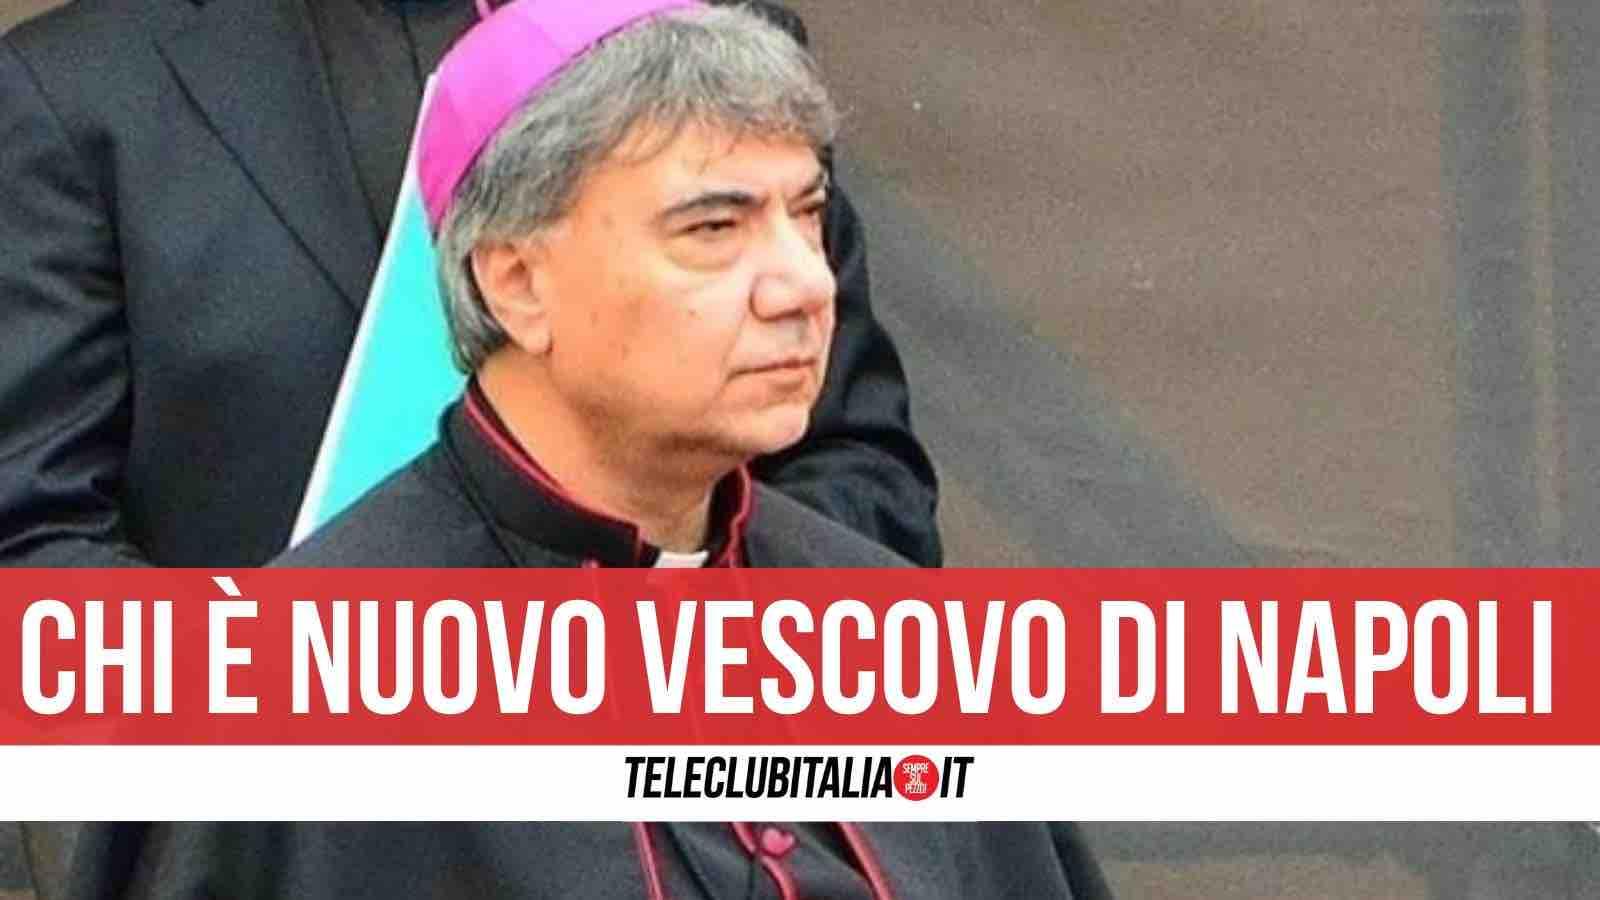 domenico battaglia vescovo napoli